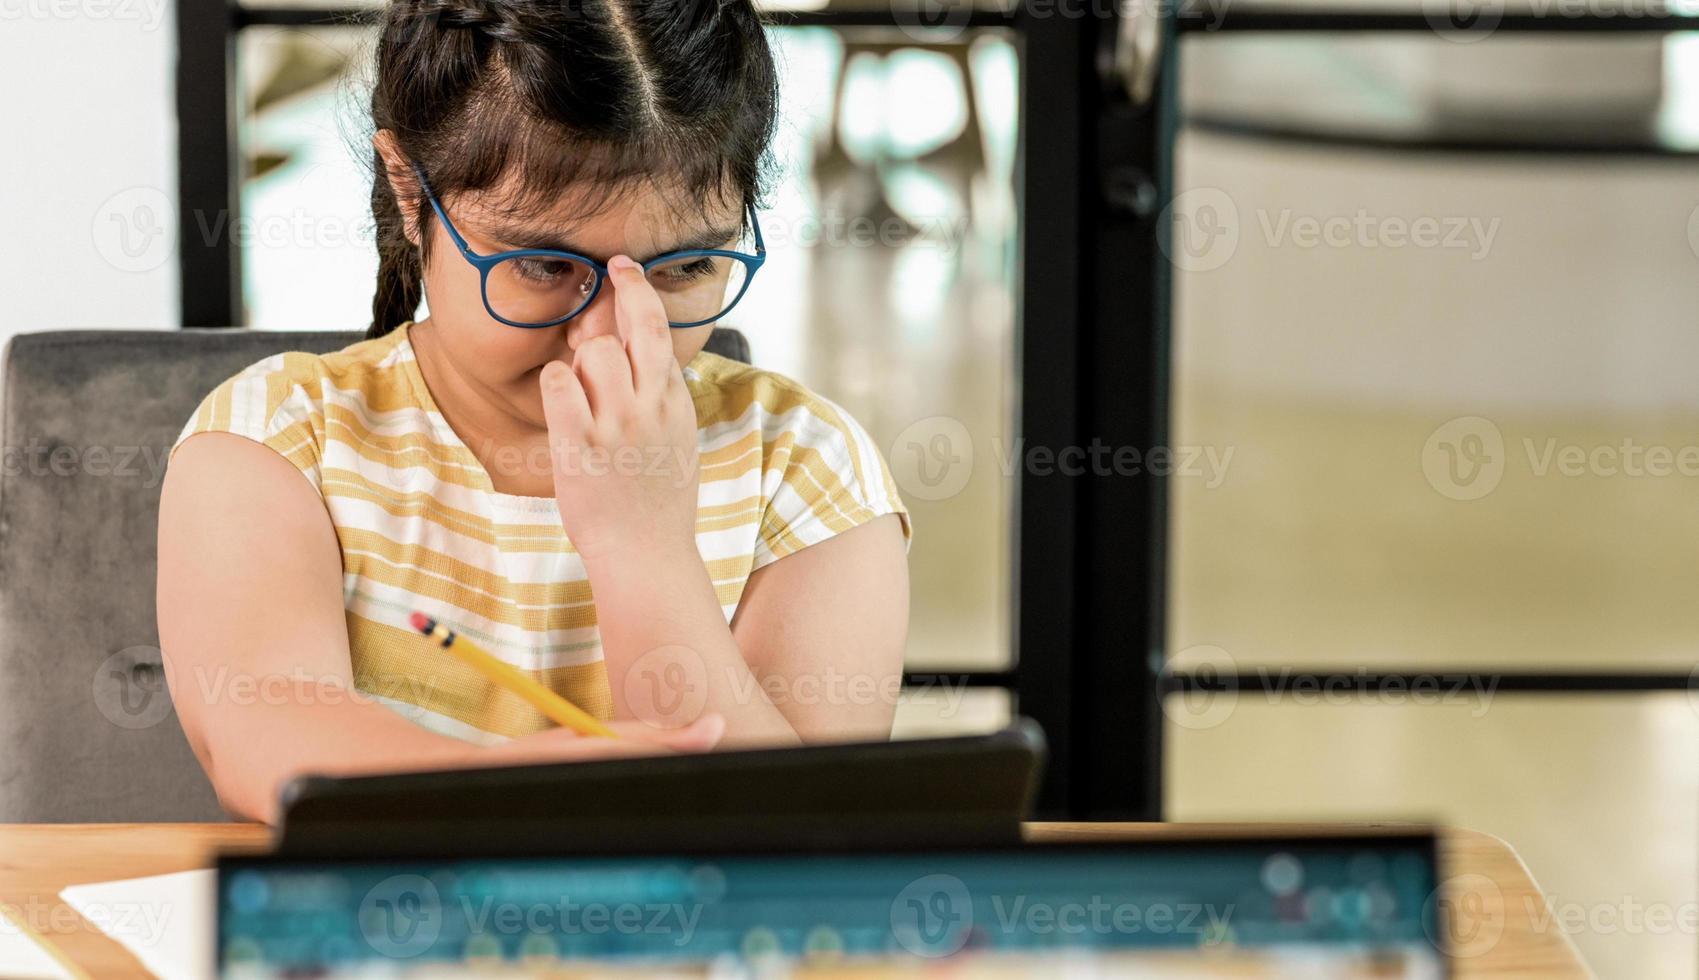 niña asiática pone la mano sobre los anteojos y parece cansada de estudiar. foto